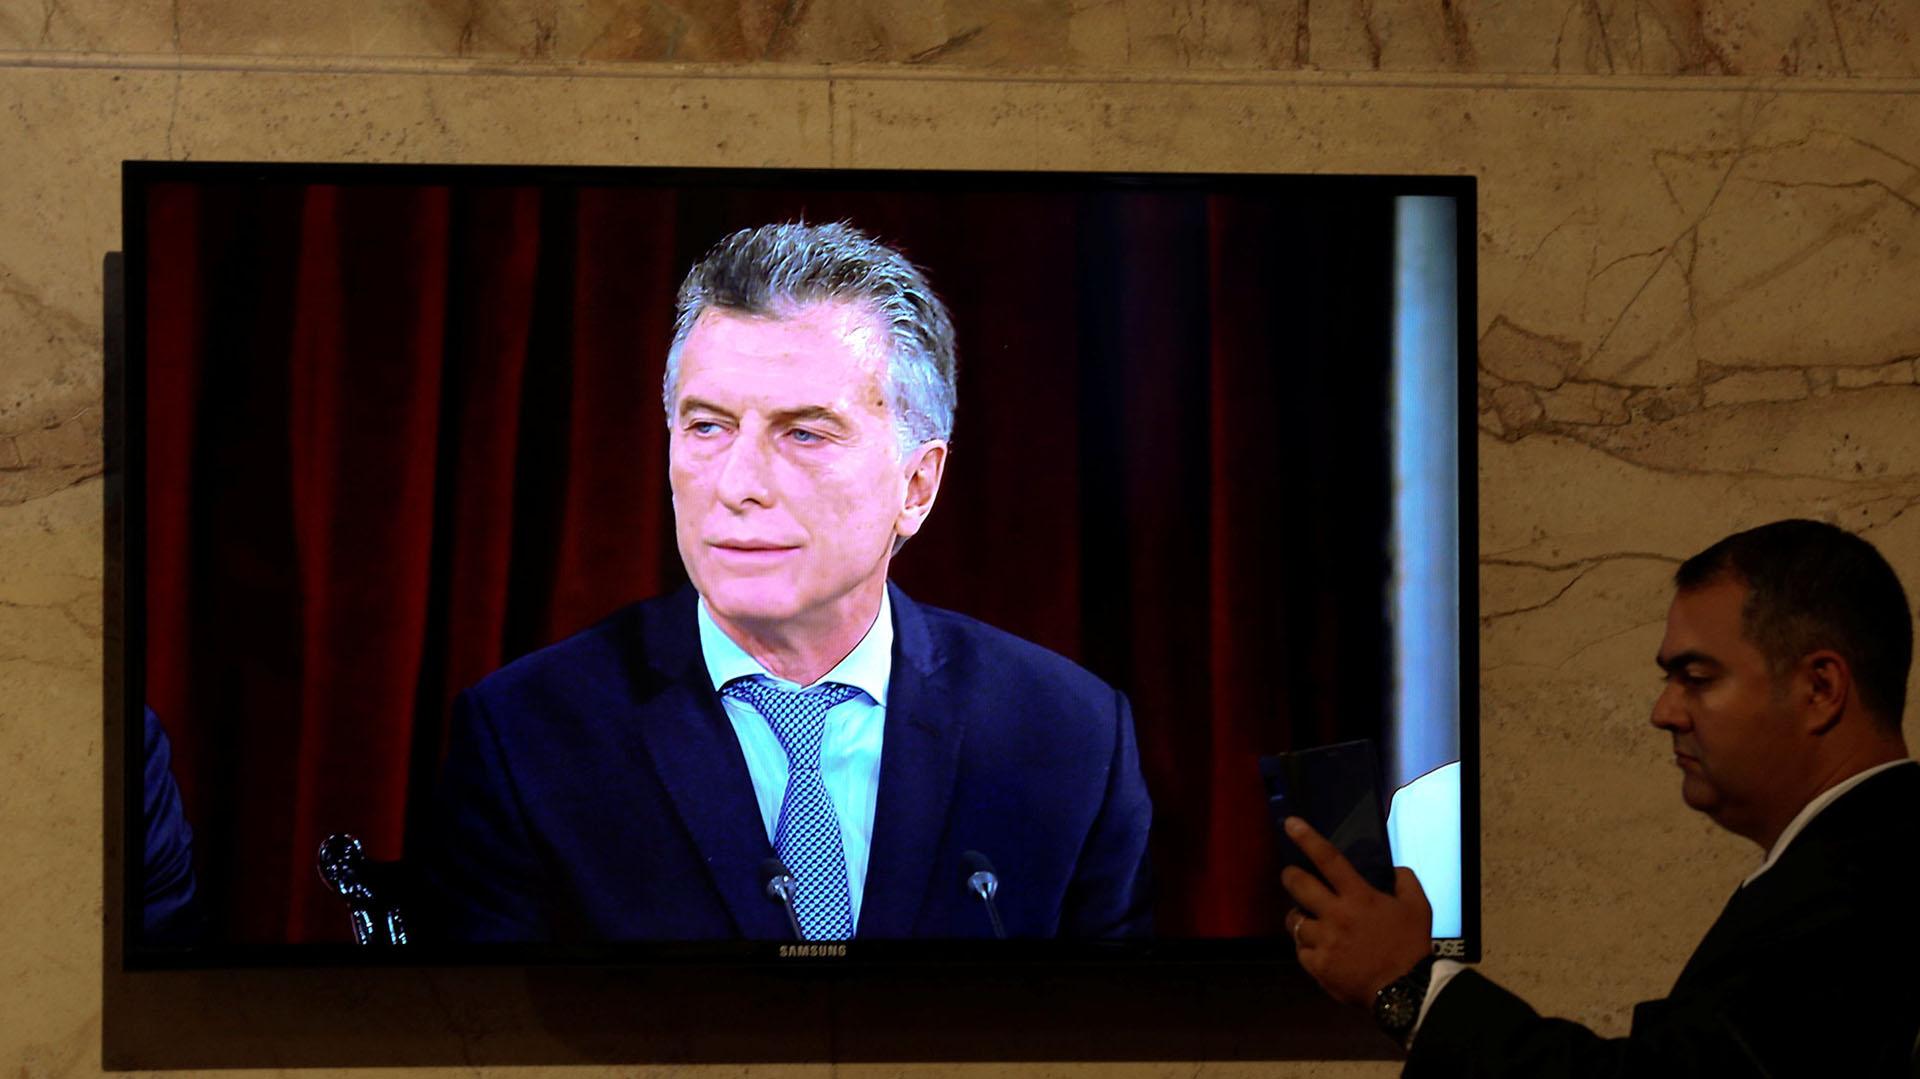 Informaciones falsas contra el presidente de la Argentina, Mauricio Macri, circulan por Twitter, Facebook, Instagram y WhatsApp desde hace semanas.(Foto:Marcos Brindicci/Reuters)